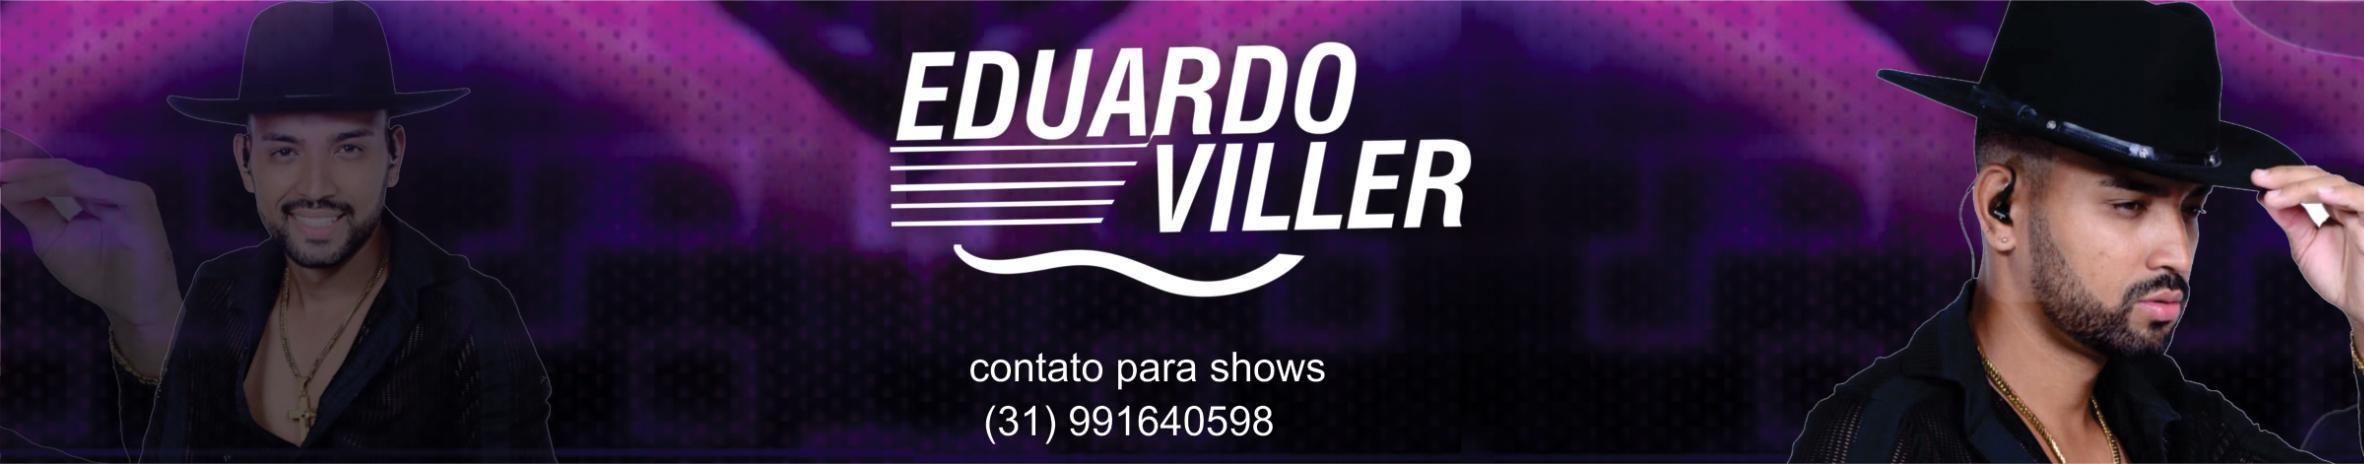 Imagem de capa de Eduardo Viller